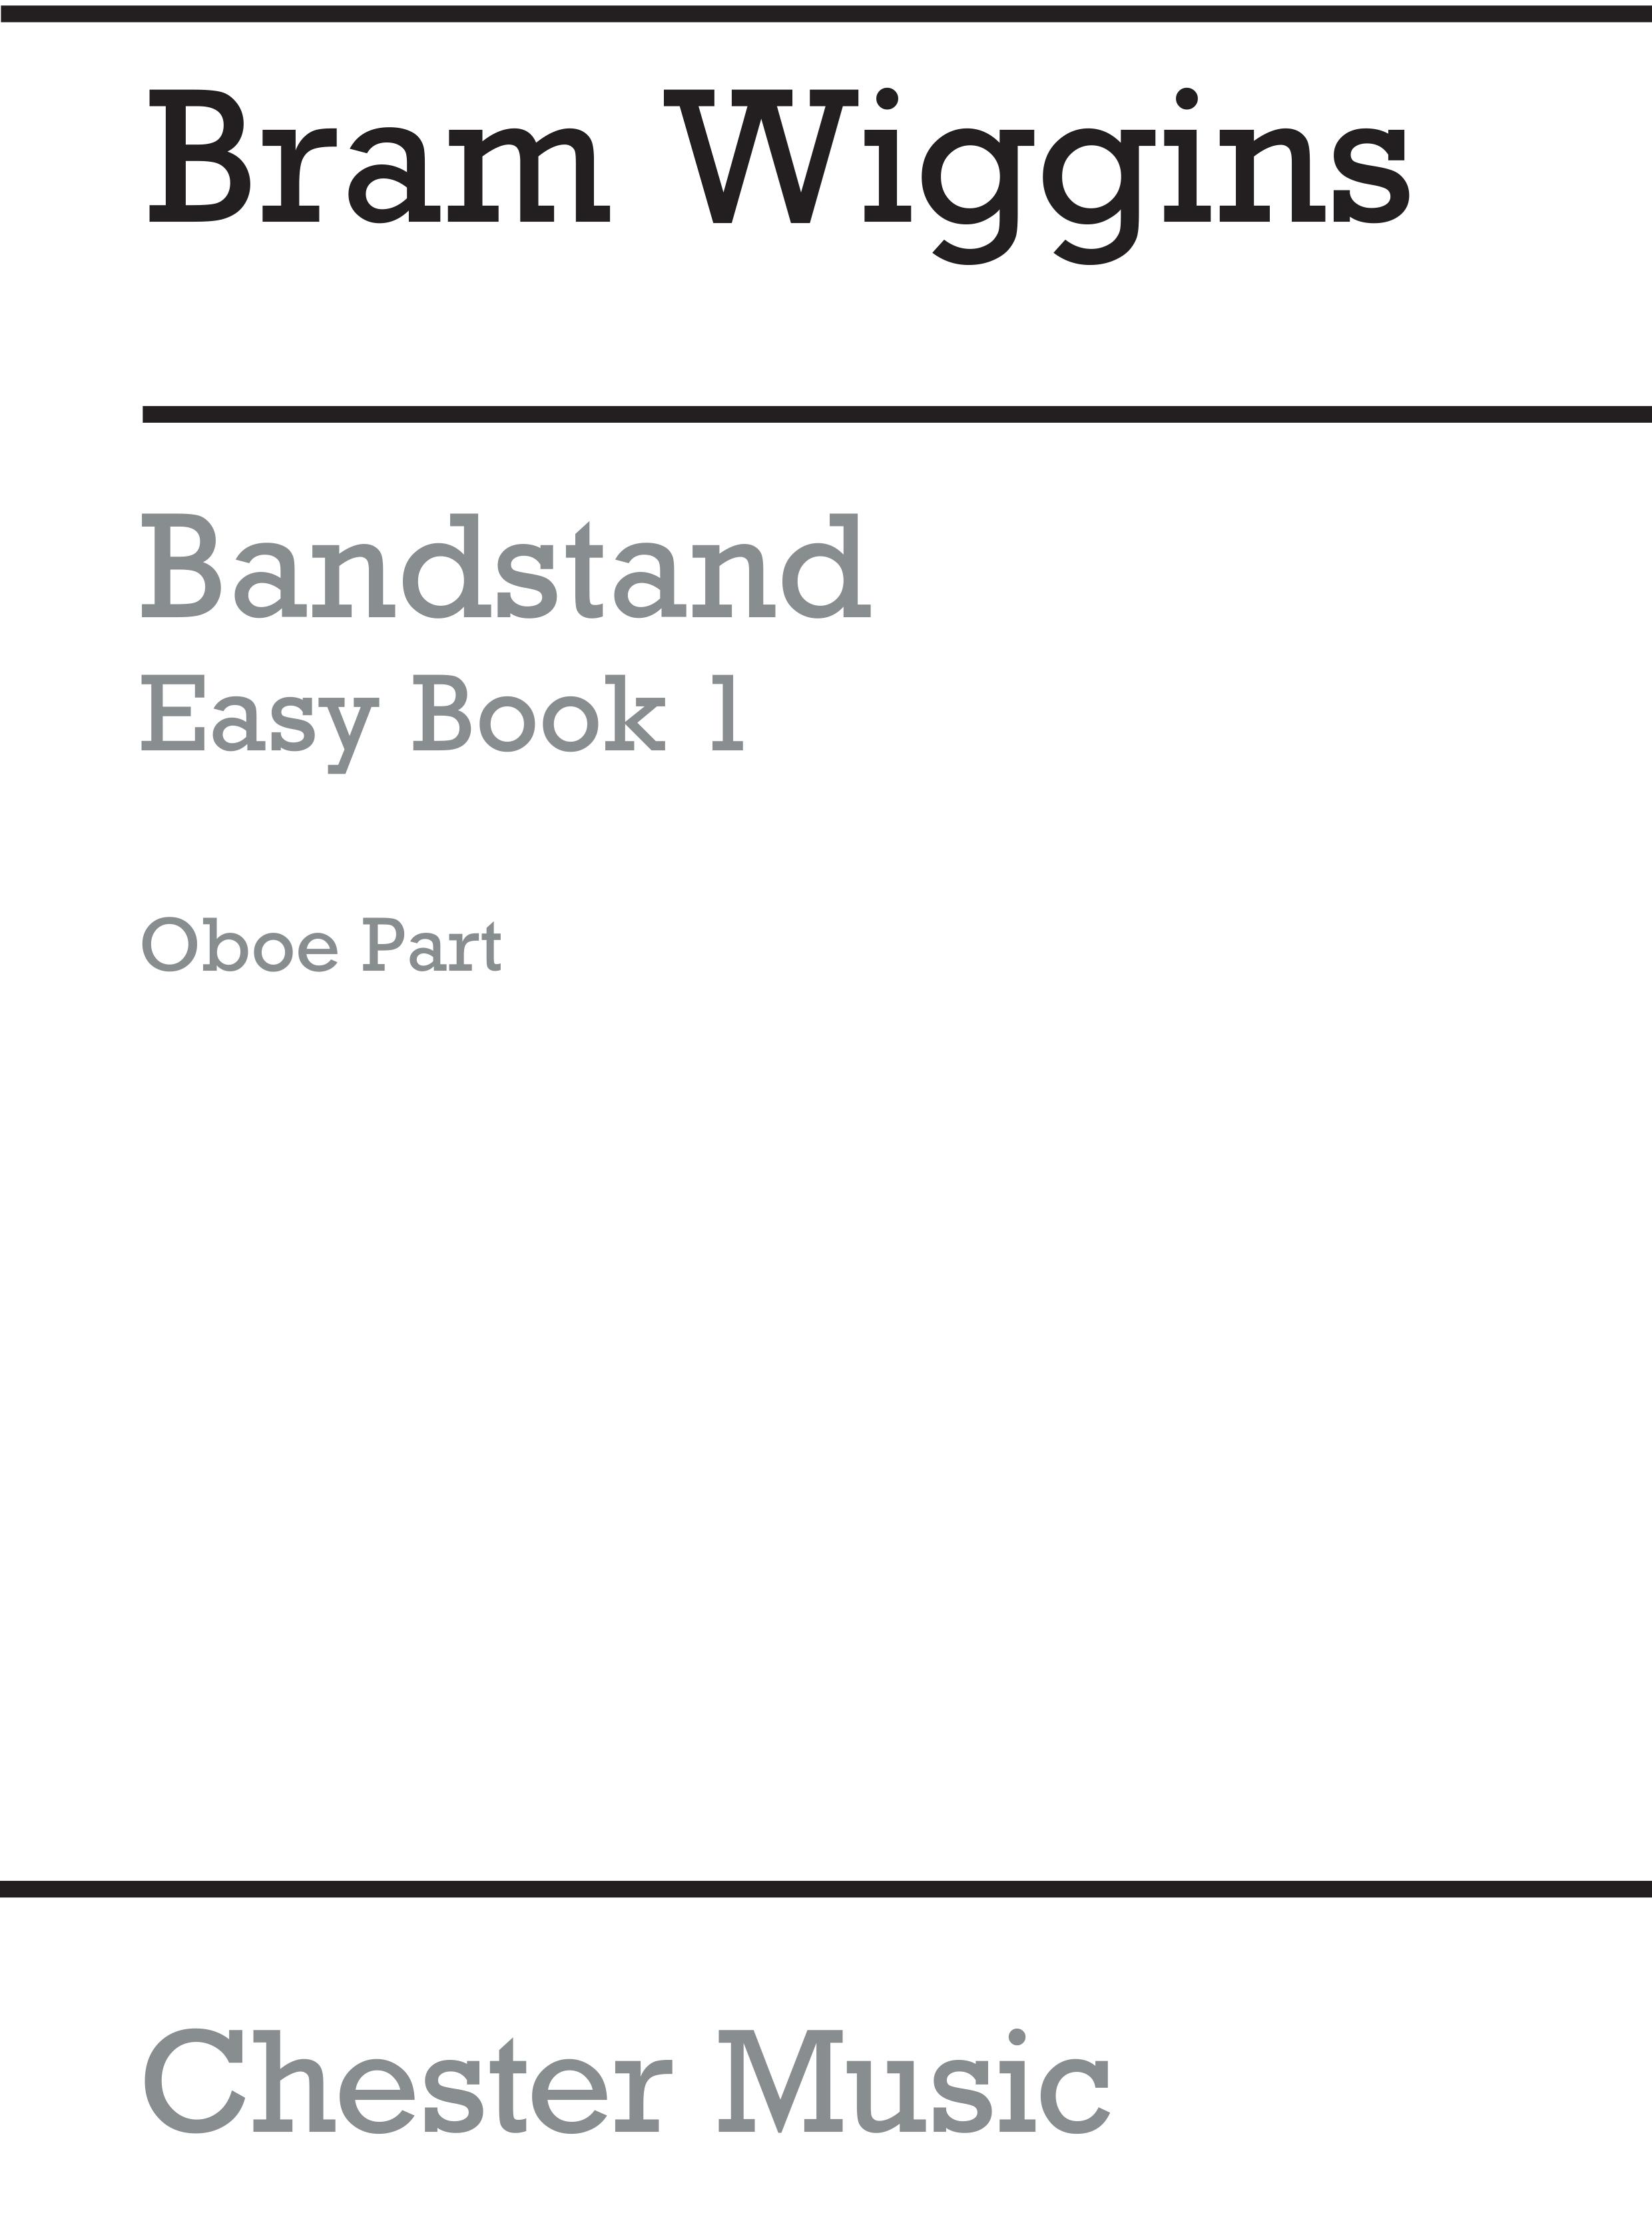 Bram Wiggins: Bandstand Easy Book 1 (Oboe): Concert Band: Part